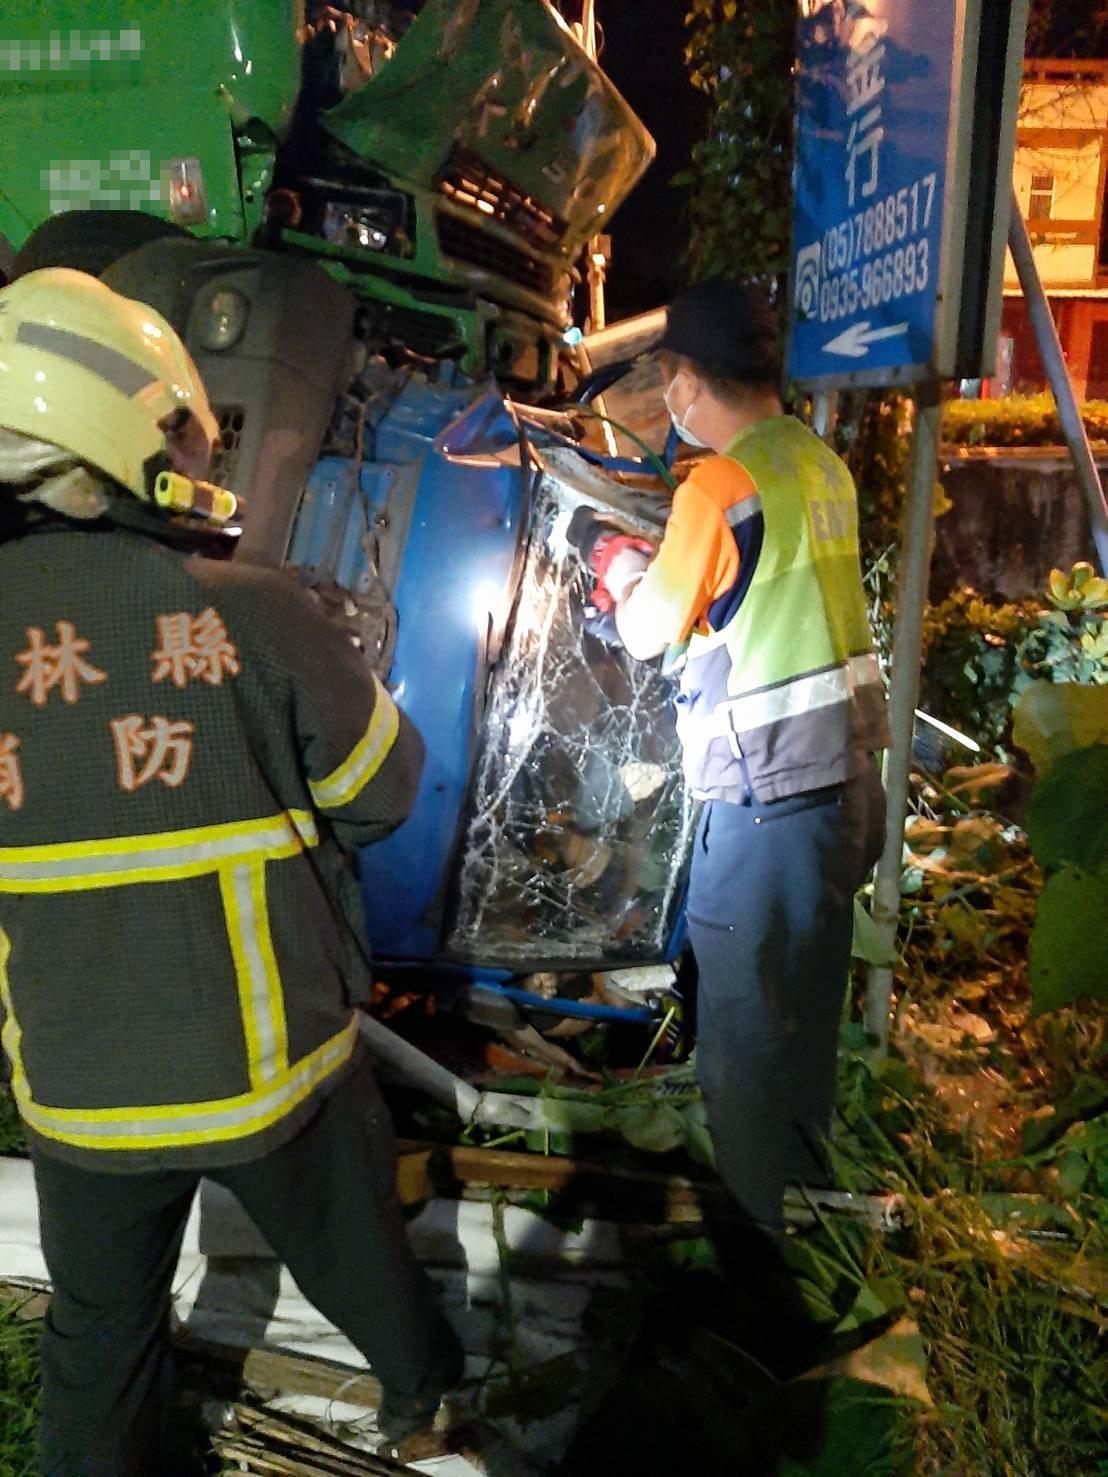 雲林縣消防局派員前往搶救。記者李京昇/翻攝